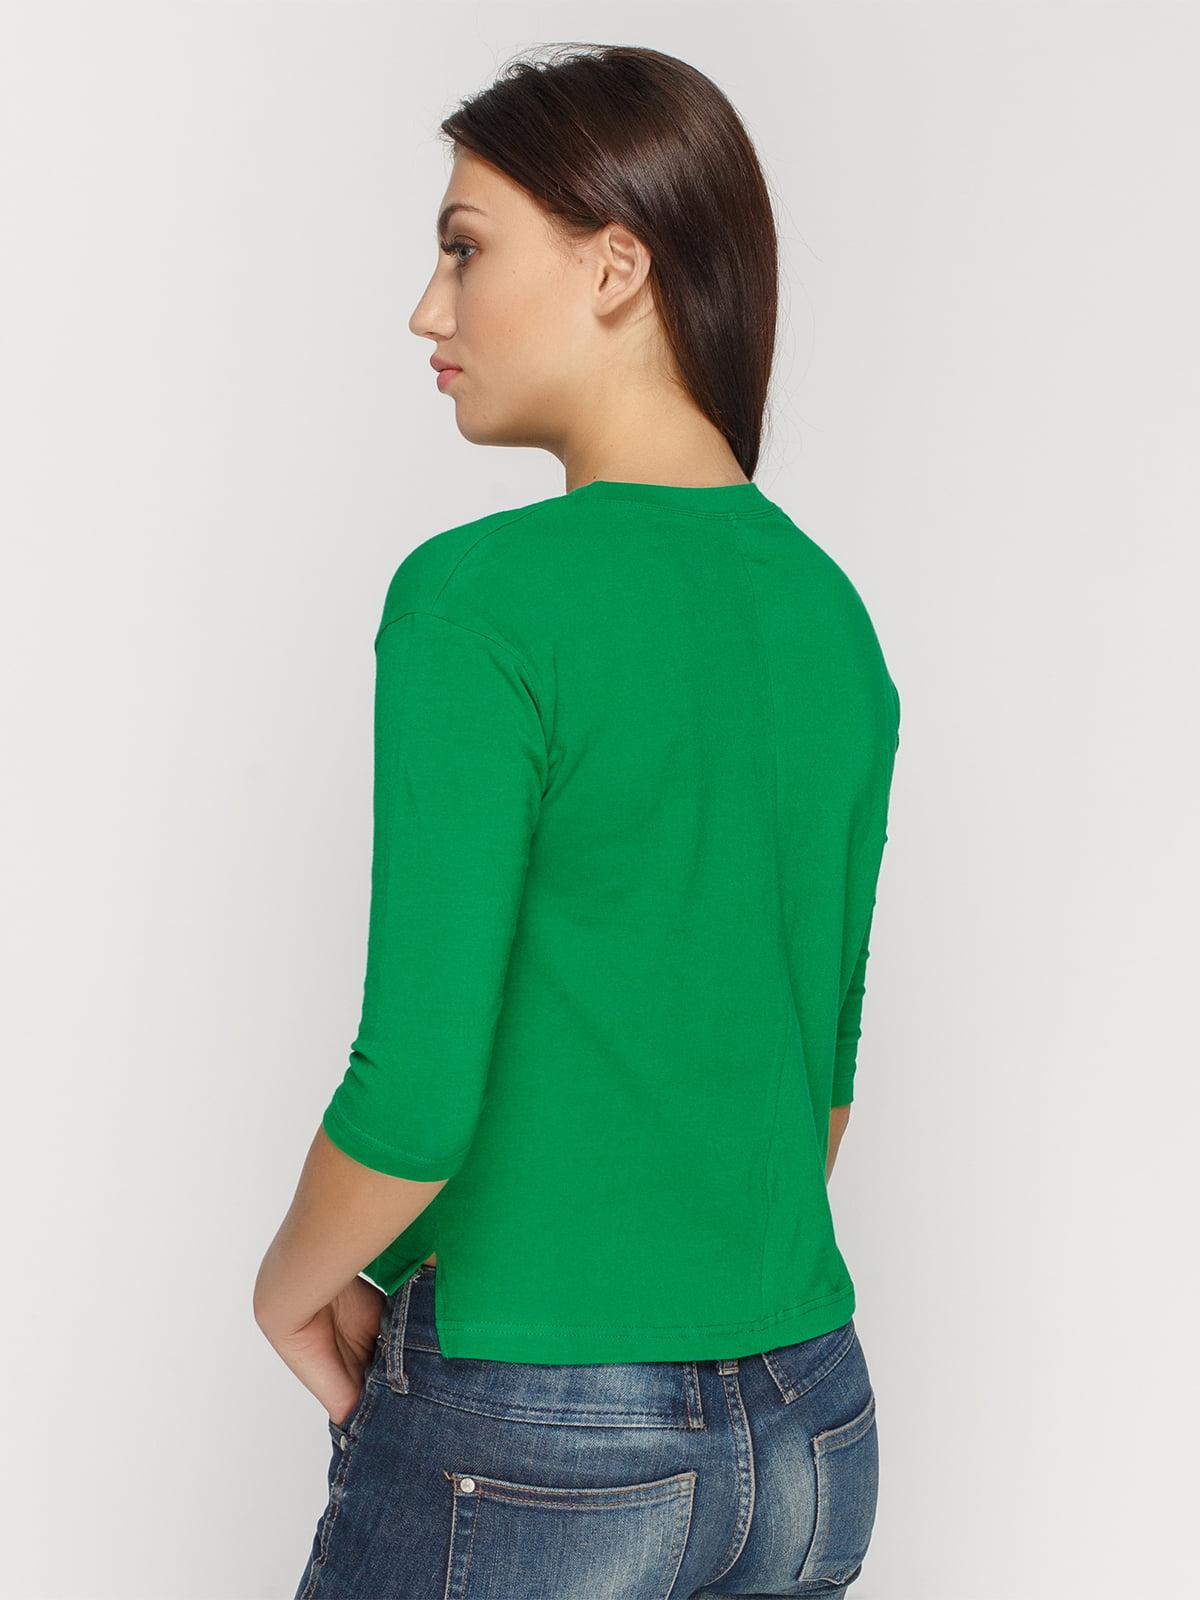 Лонгслив зеленый с принтом | 4578155 | фото 2